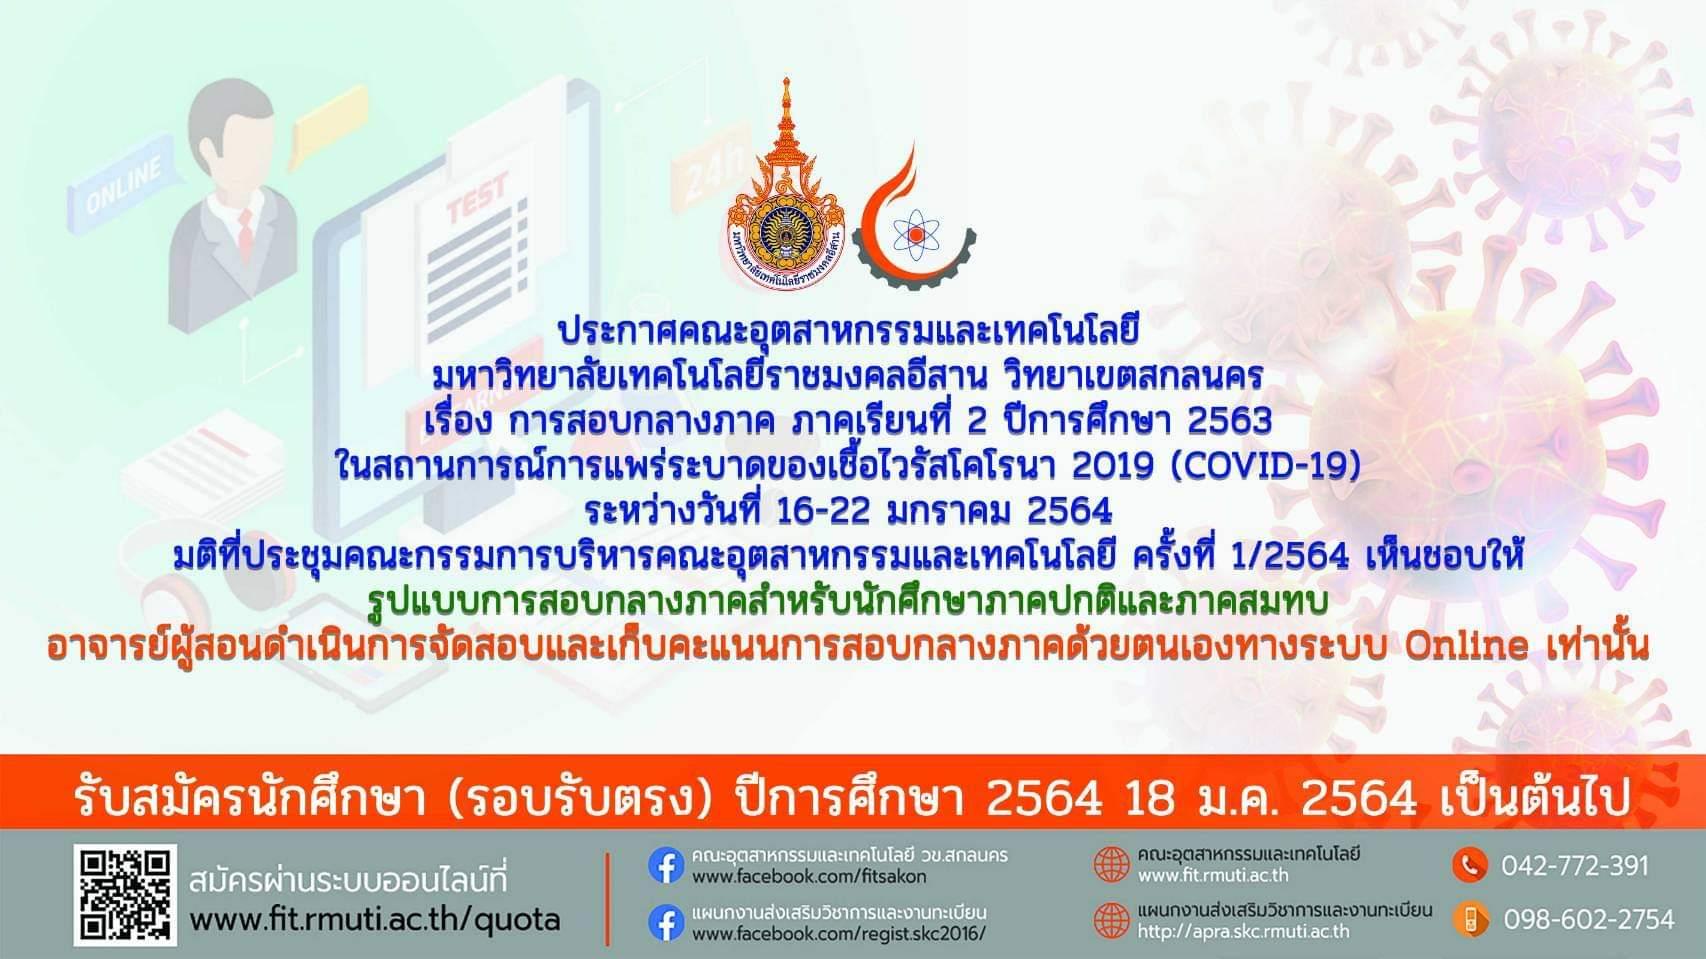 ประกาศการสอบกลางภาค ภาคเรียนที่ 2 ปีการศึกษา 2563